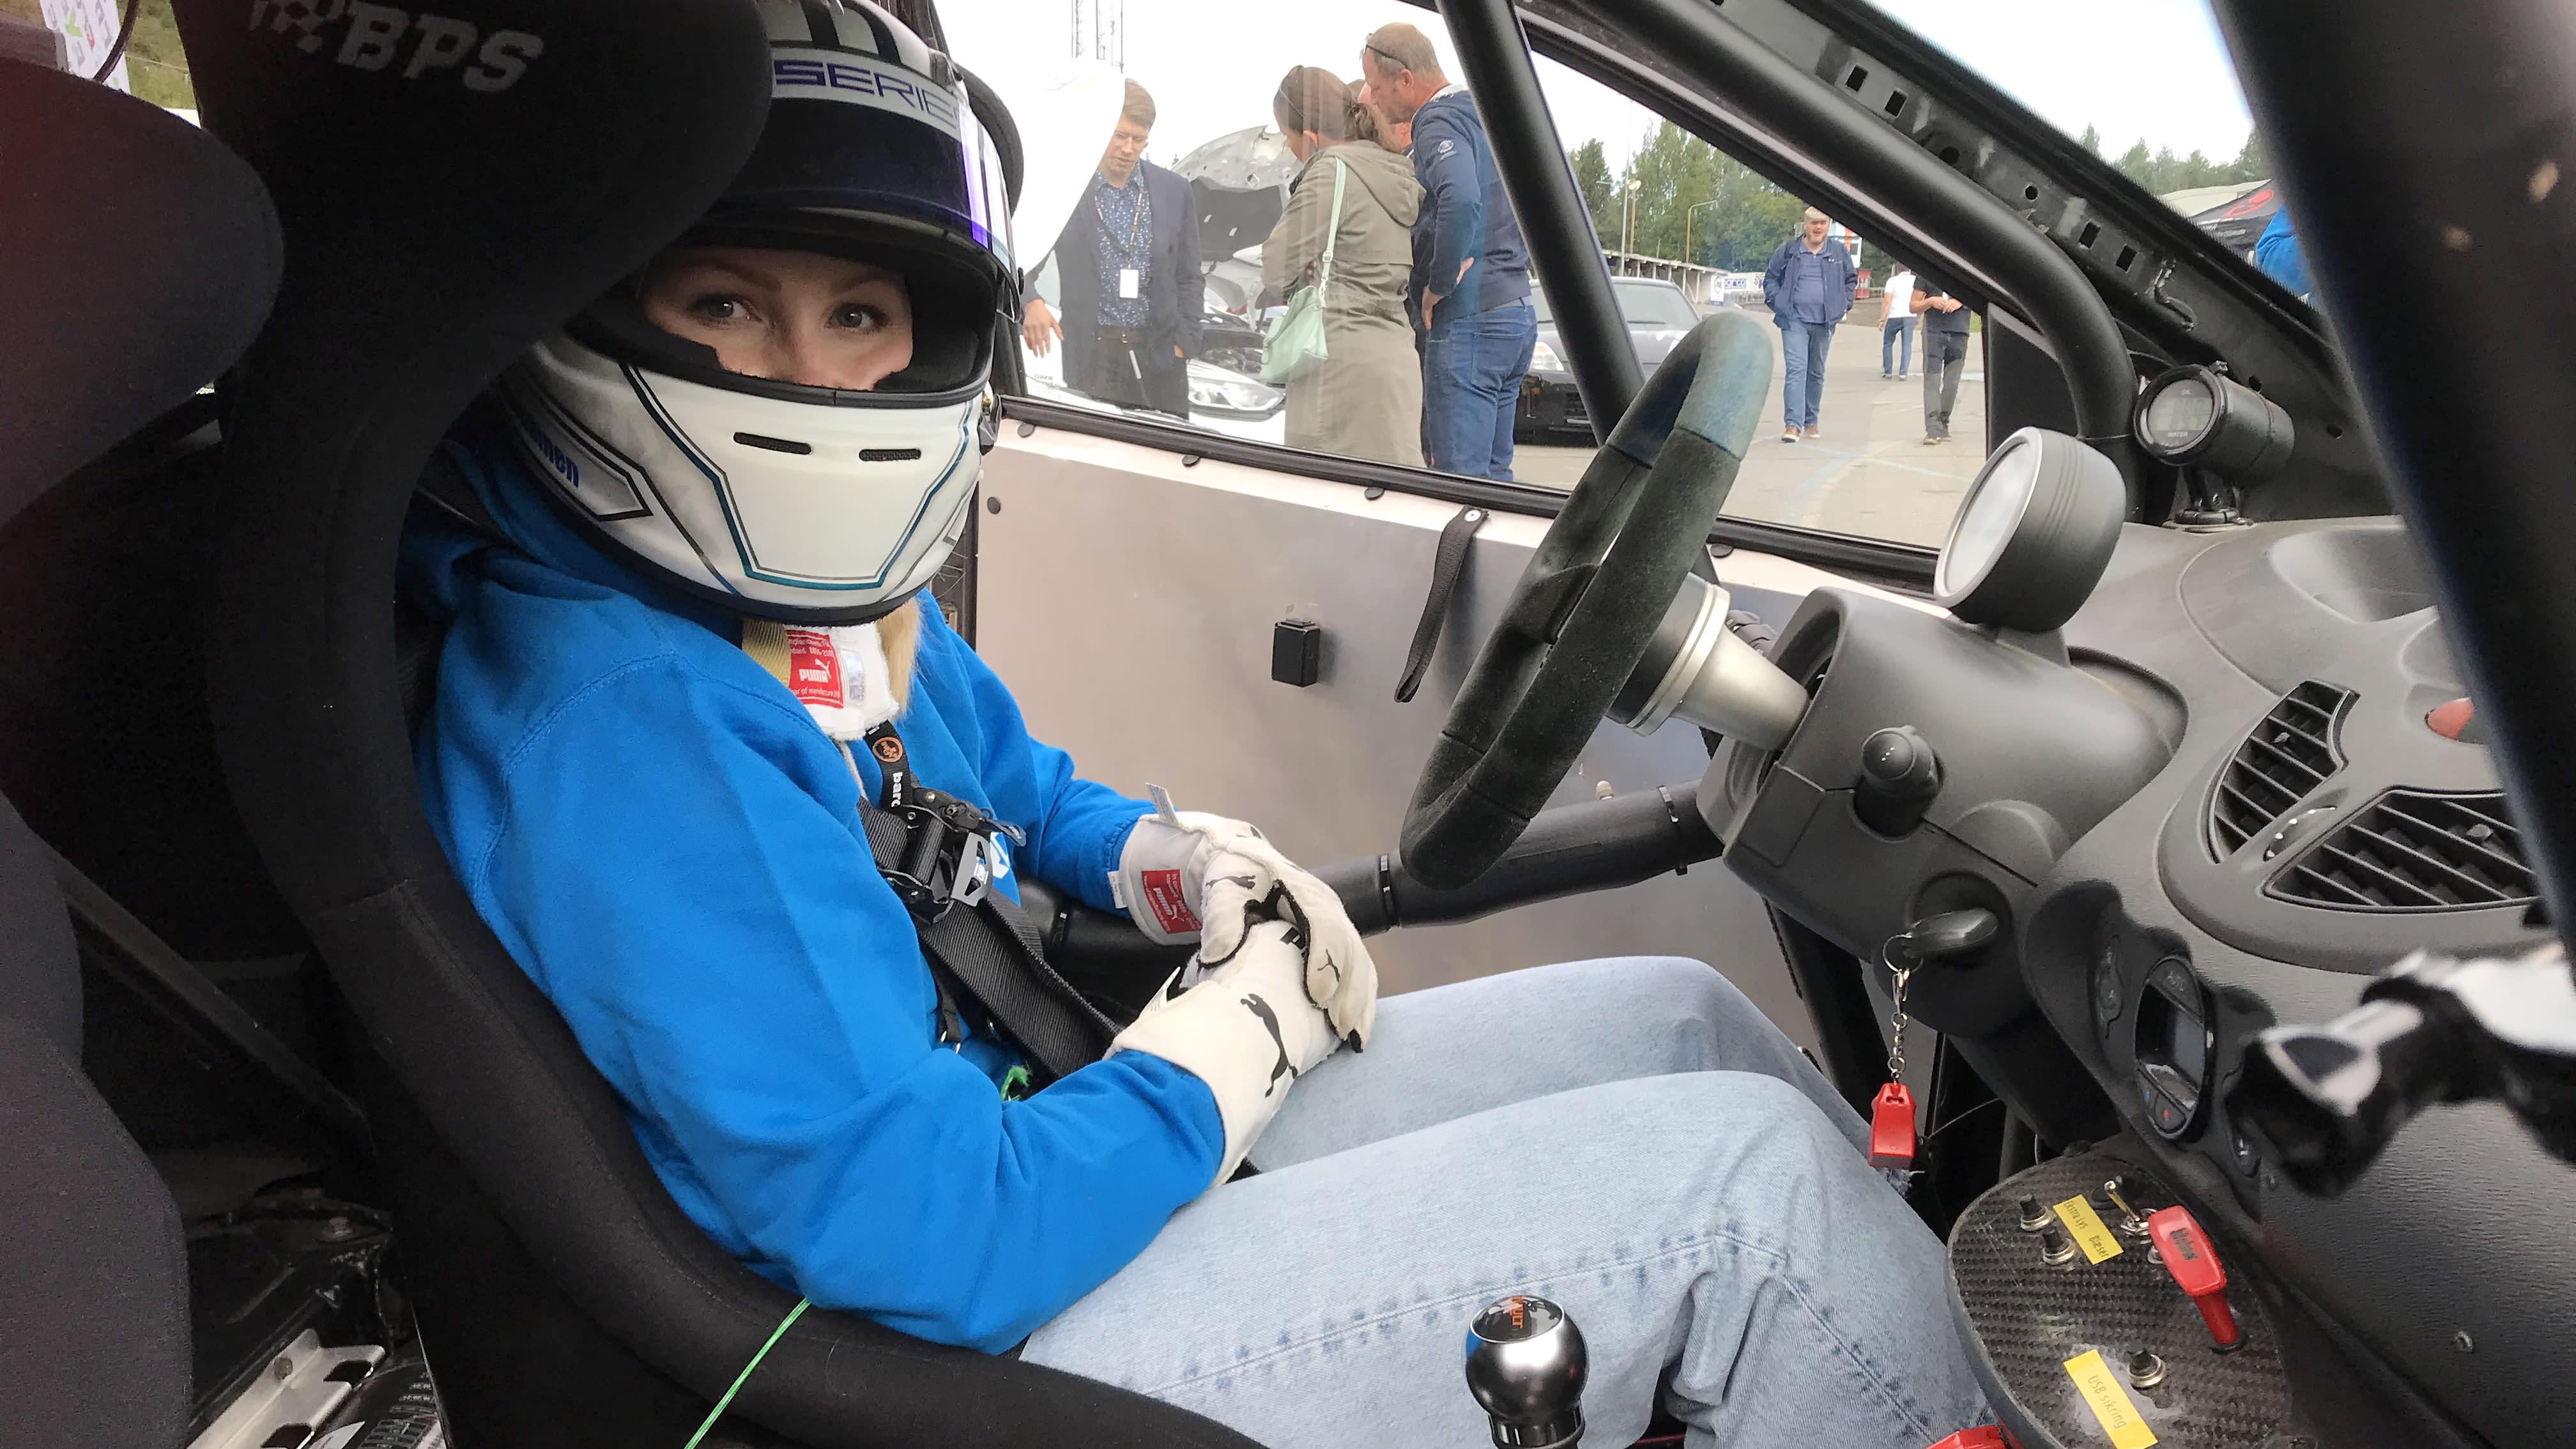 Kypäräpäinen nainen istuu kilpa-auton kuljettan paikalla